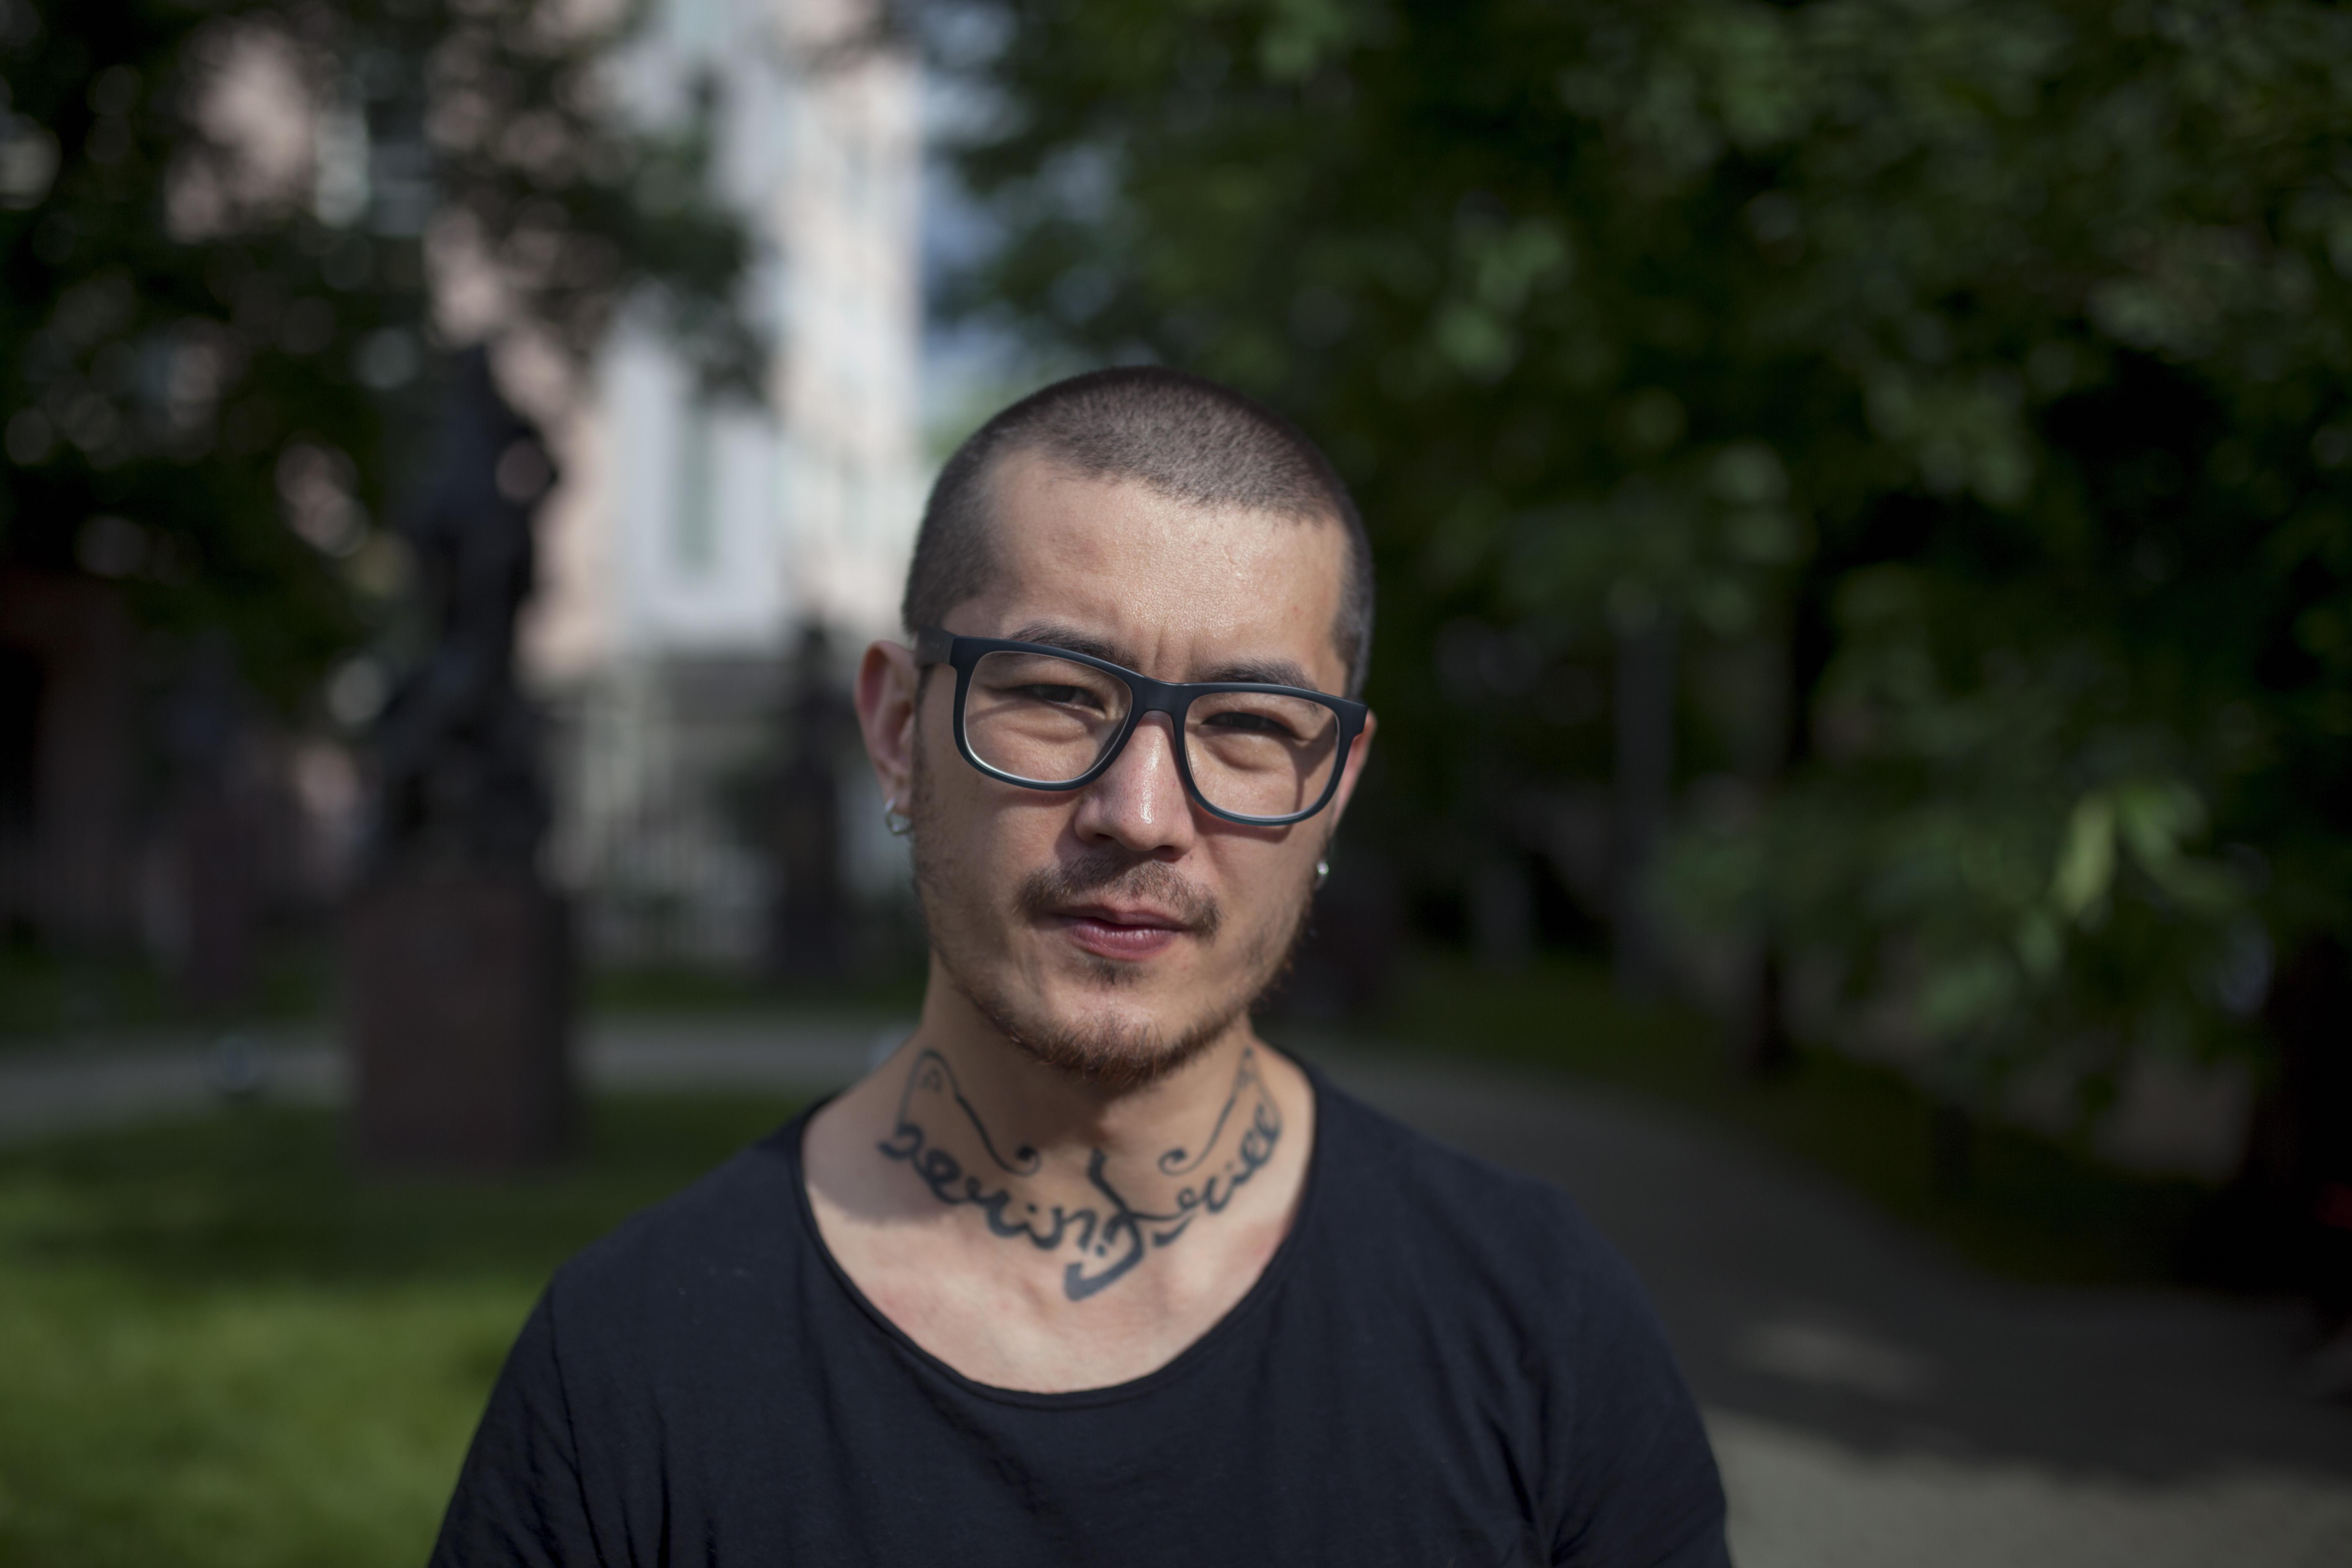 Uzbek journalist Khudoberdi Nurmatov (Ali Feruz) (Photo: Vlad Dokshin, Novaya Gazeta)